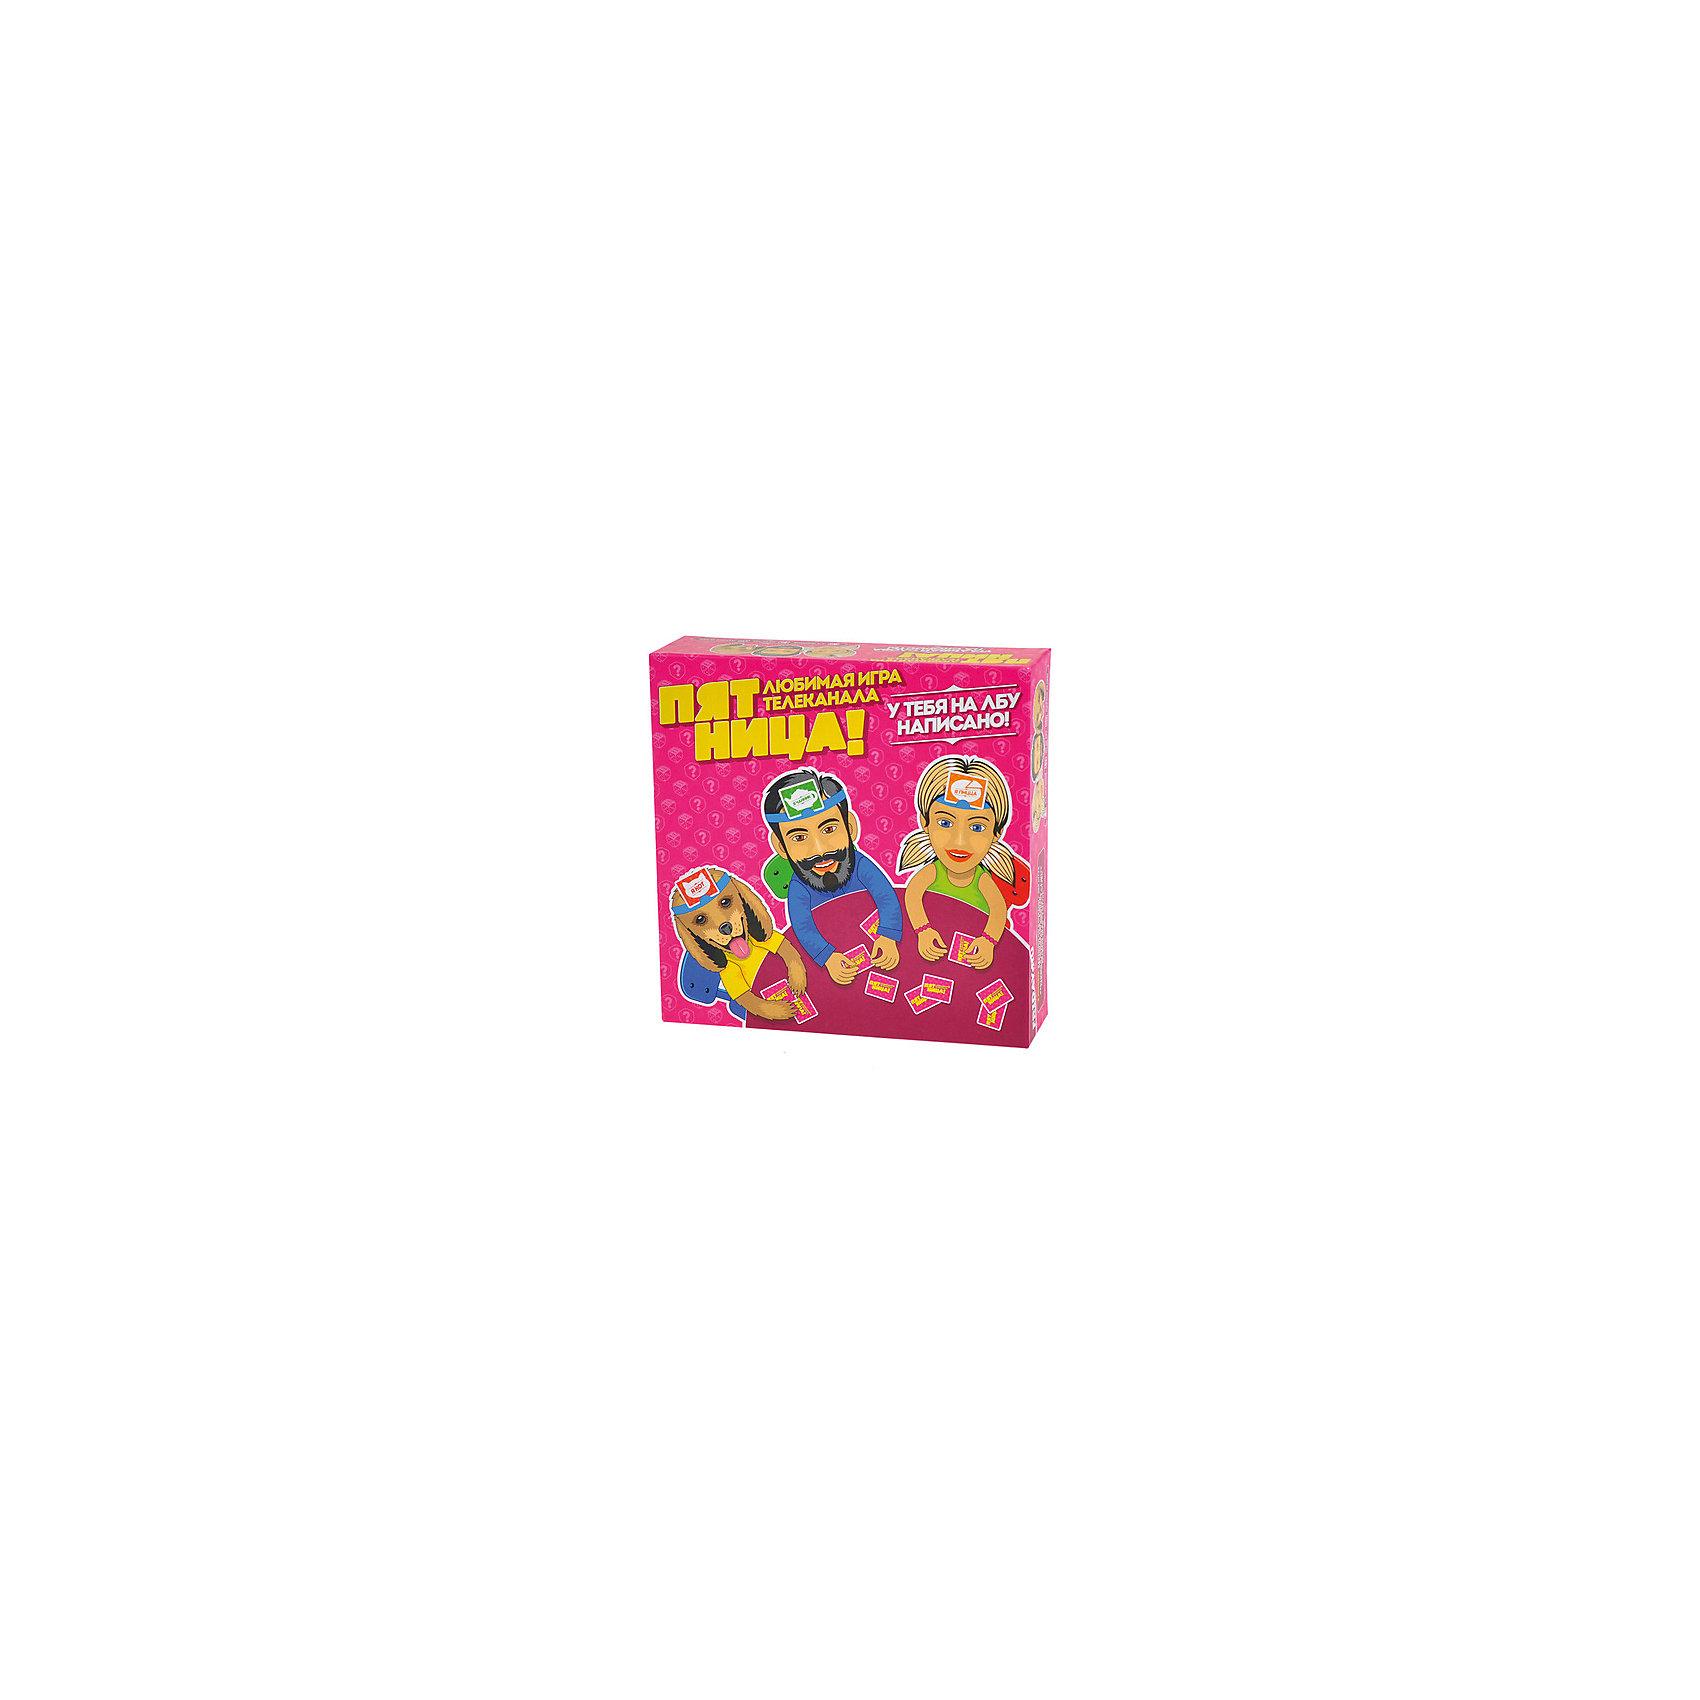 Настольная игра Пятница, МагелланНастольные игры<br>Характеристики товара:<br><br>• возраст от 10 лет<br>• материал: картон, пластик<br>• в комплекте: 194 карточки со словами, 6 карточек помощи, 6 пластиковых обручей, песочные часы на 1 минуту, правила игры<br>• количество игроков: 2-4 человек.<br>• продолжительность партии: 45-90 минут.<br>• размер упаковки 26,5х26,5х7,5 см<br>• вес упаковки 886 г.<br>• страна бренда: Россия<br>• страна производитель: Россия<br><br>Настольная игра «Пятница» Магеллан — занимательная игра для компании до 6 человек, которая позволит весело провести время. Каждый игрок надевает на голову специальный обруч, к которому крепится карточка. Все карточки перед началом игры хорошо перемешиваются, и игроки выбирают одну карточку со словом. Затем приклеивают карточку на обруч на лбу и должны отгадать, кем же они являются. Для этого предстоит задавать как можно больше вопросов другим участникам. На отгадку есть всего минута, поэтому придется поторопиться. Выиграет тот, кто угадал больше всех слов.<br><br>Настольную игру «Пятница» Магеллан можно приобрести в нашем интернет-магазине.<br><br>Ширина мм: 265<br>Глубина мм: 265<br>Высота мм: 75<br>Вес г: 886<br>Возраст от месяцев: 120<br>Возраст до месяцев: 2147483647<br>Пол: Унисекс<br>Возраст: Детский<br>SKU: 5543770